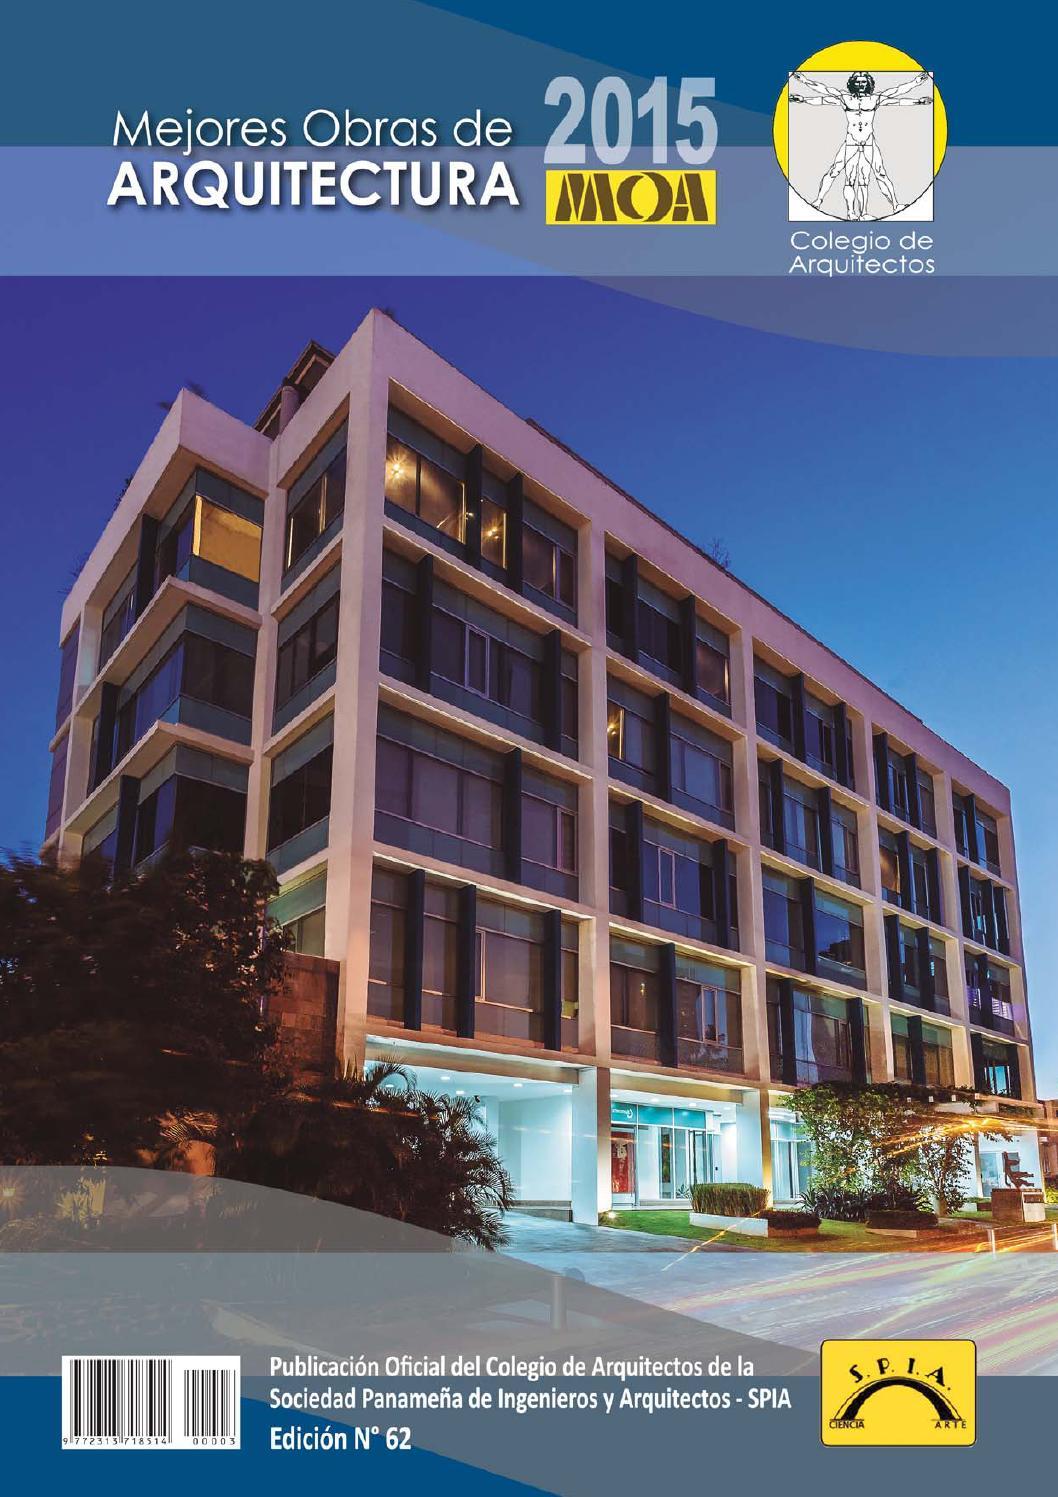 Revista mejores obras de arquitectura 2015 by guillermo for Arquitectos y sus obras